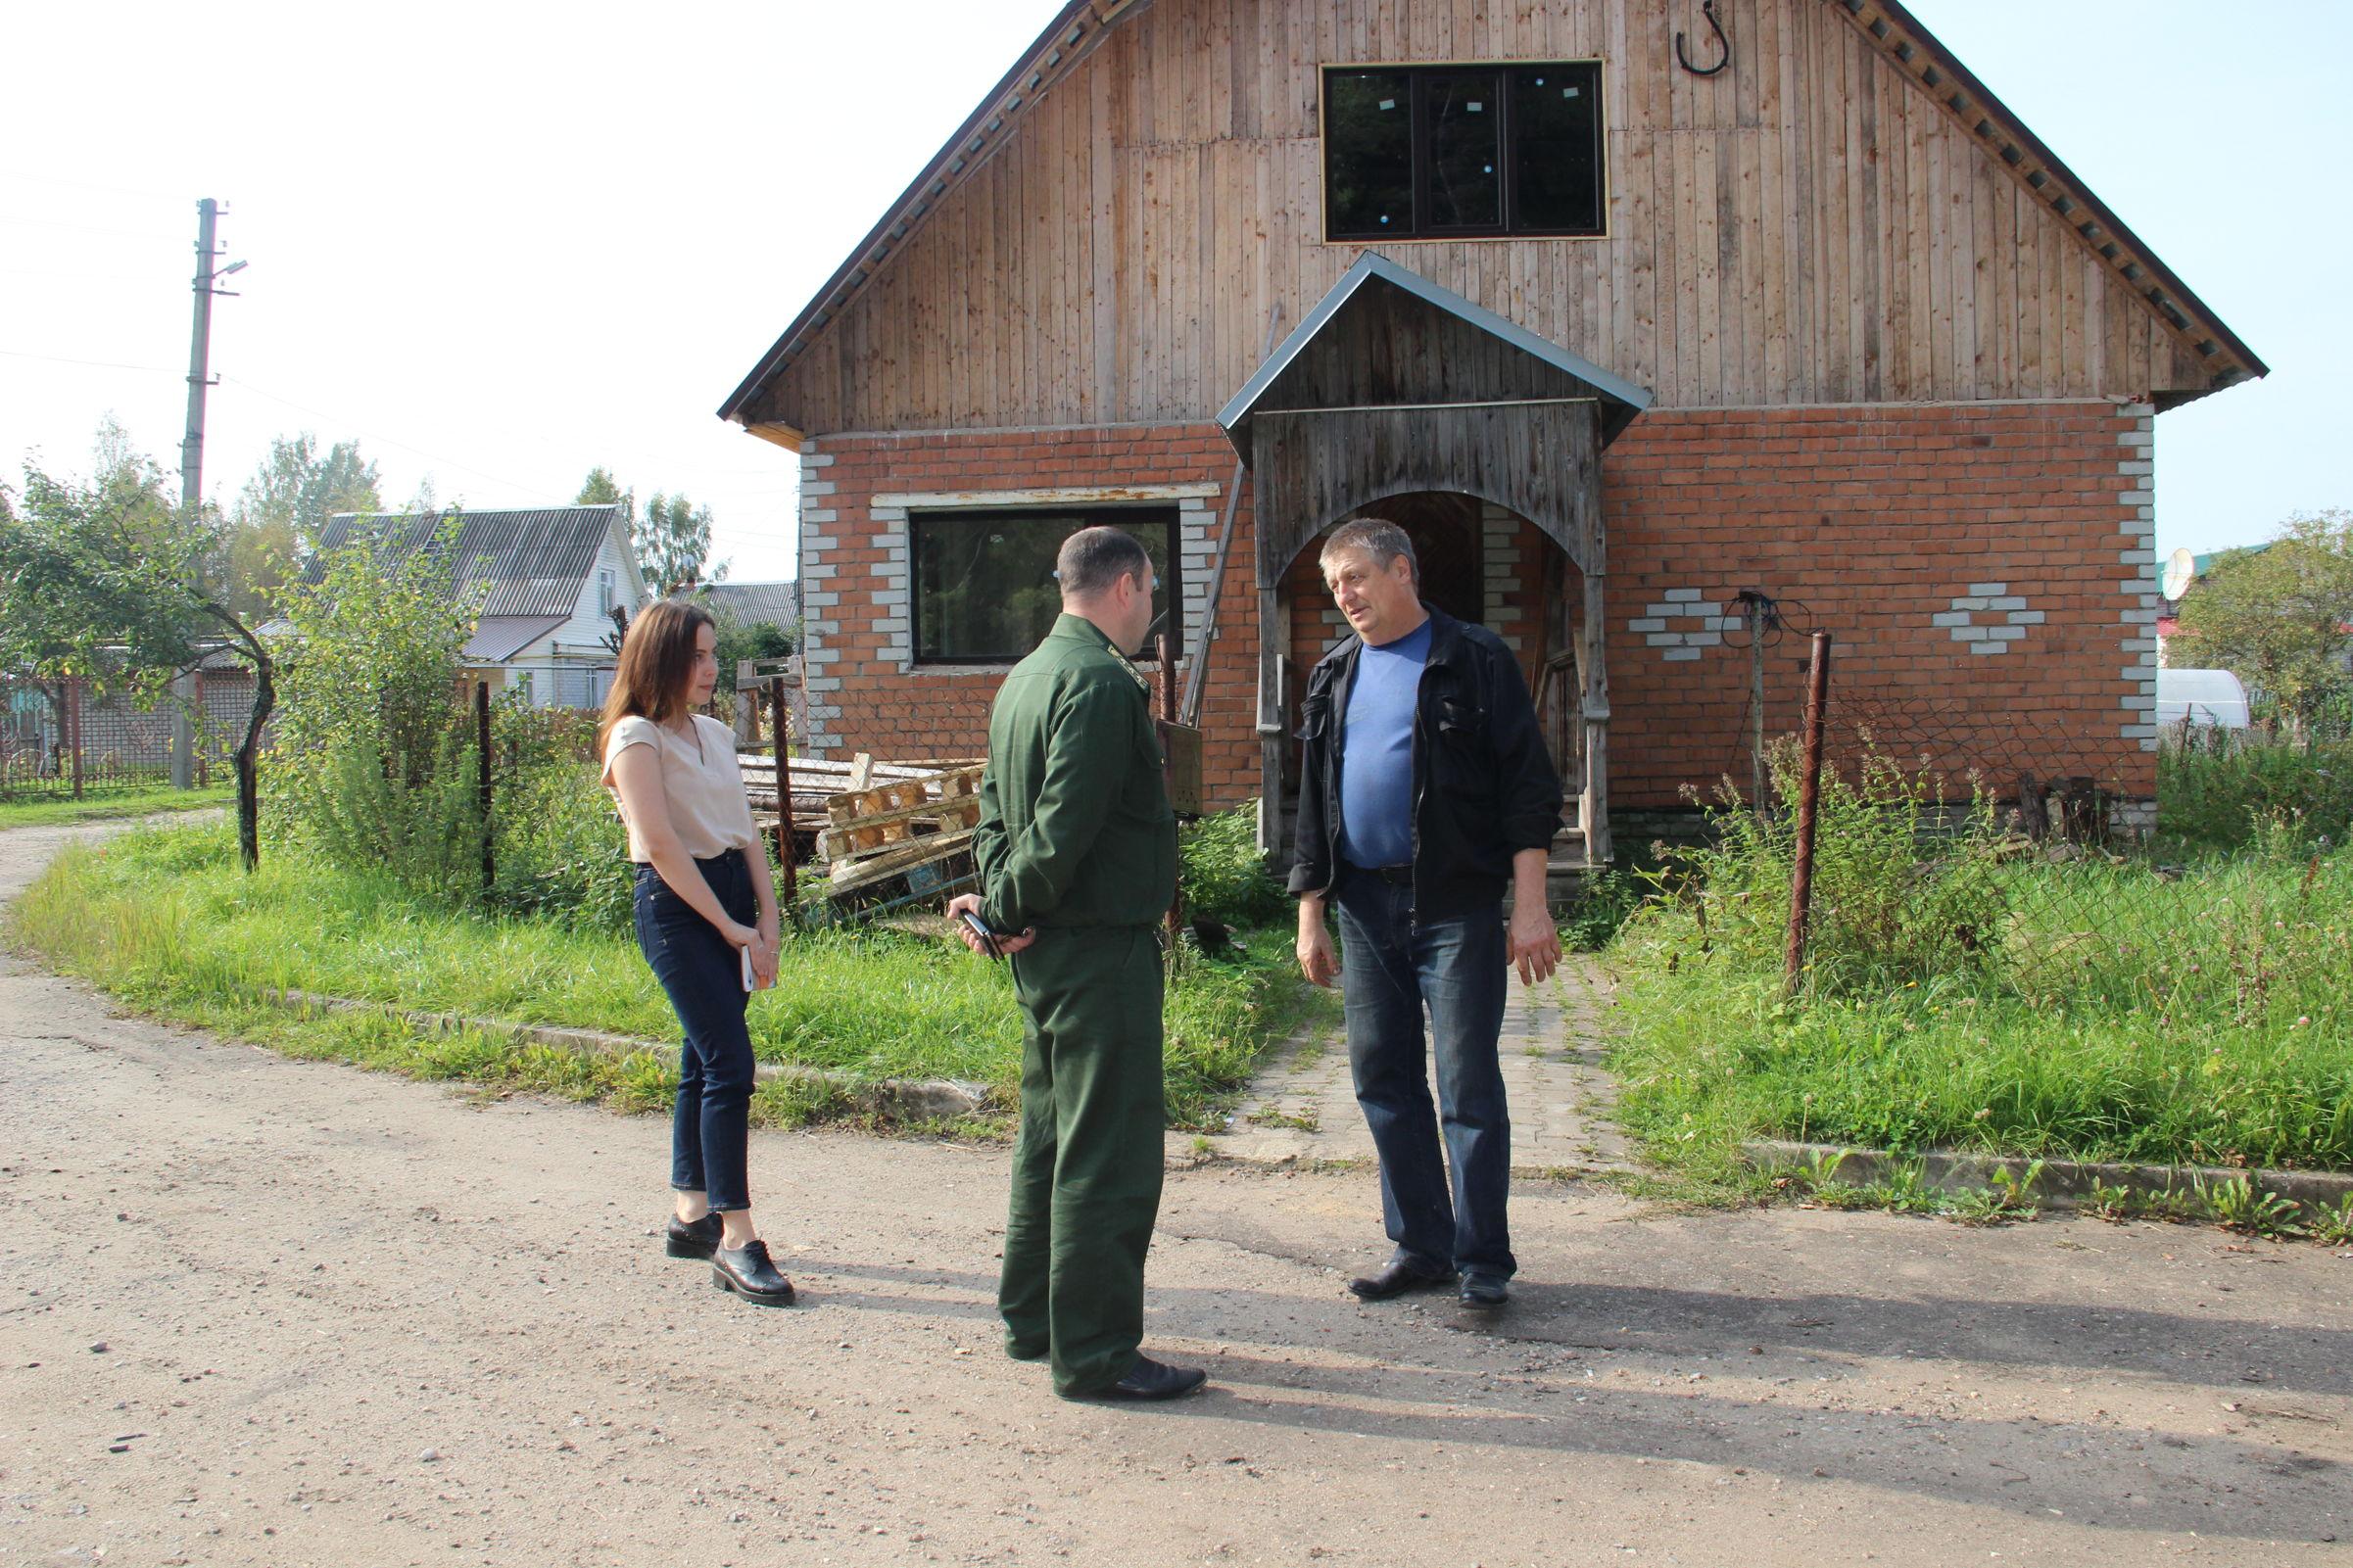 В Ярославской области за нецелевое использование древесины взыскали более полумиллиона рублей